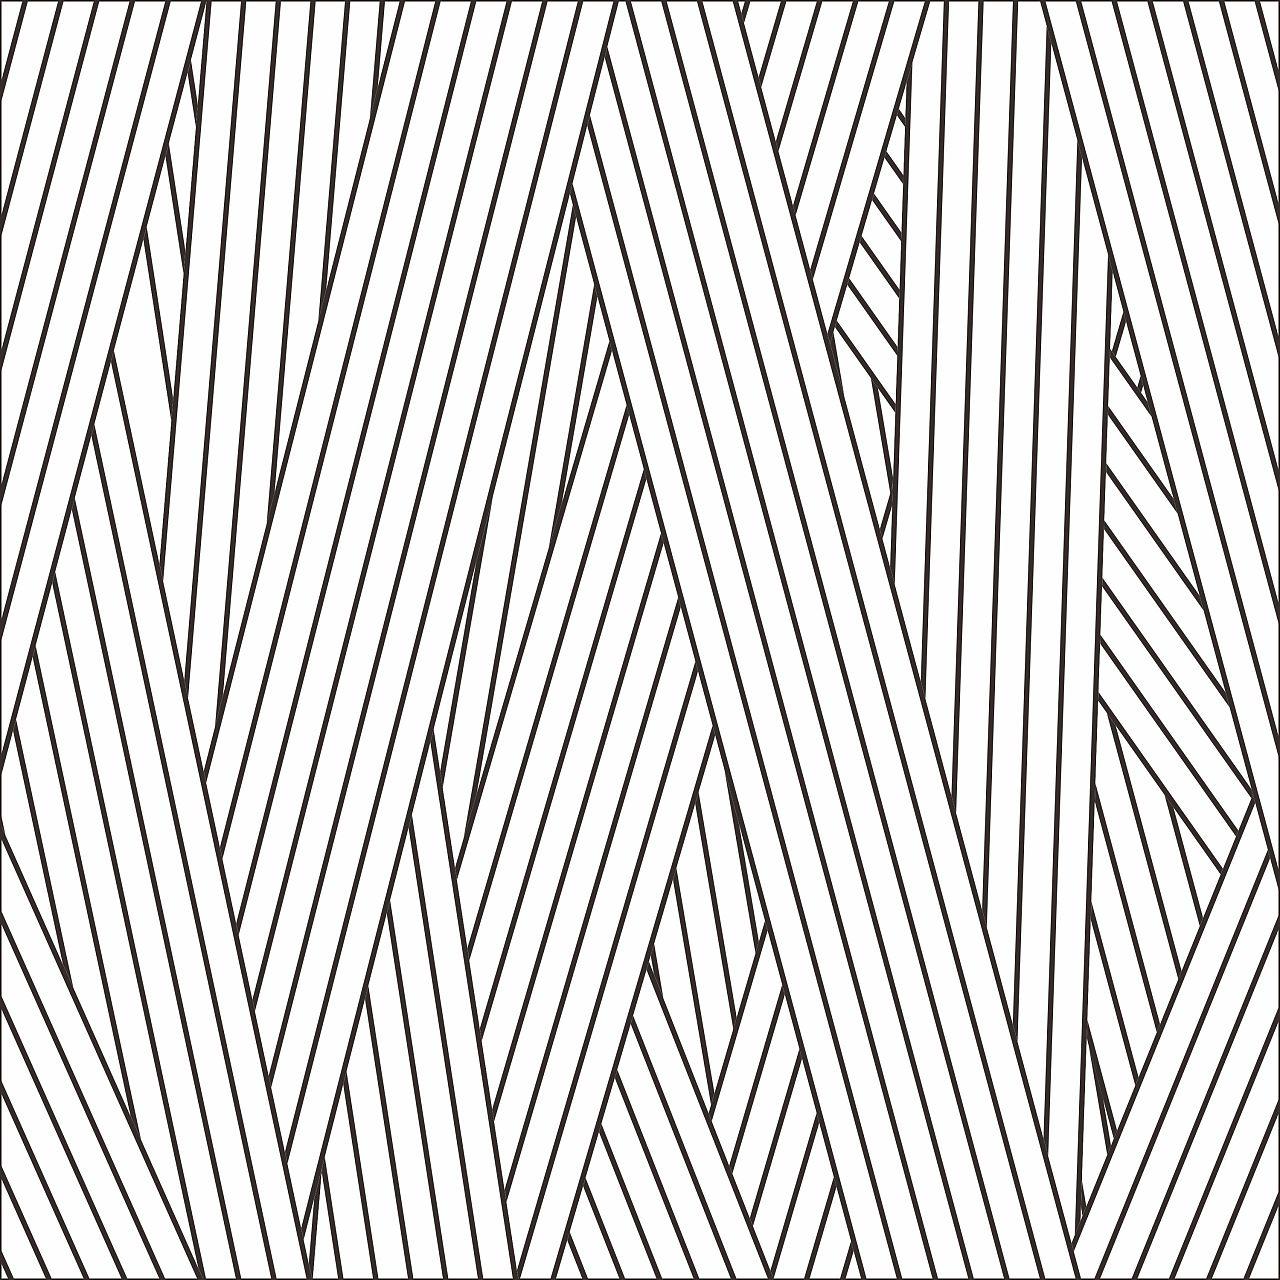 用点线面构成的画_平面构成|平面|图案|一鹤和424 - 临摹作品 - 站酷 (ZCOOL)